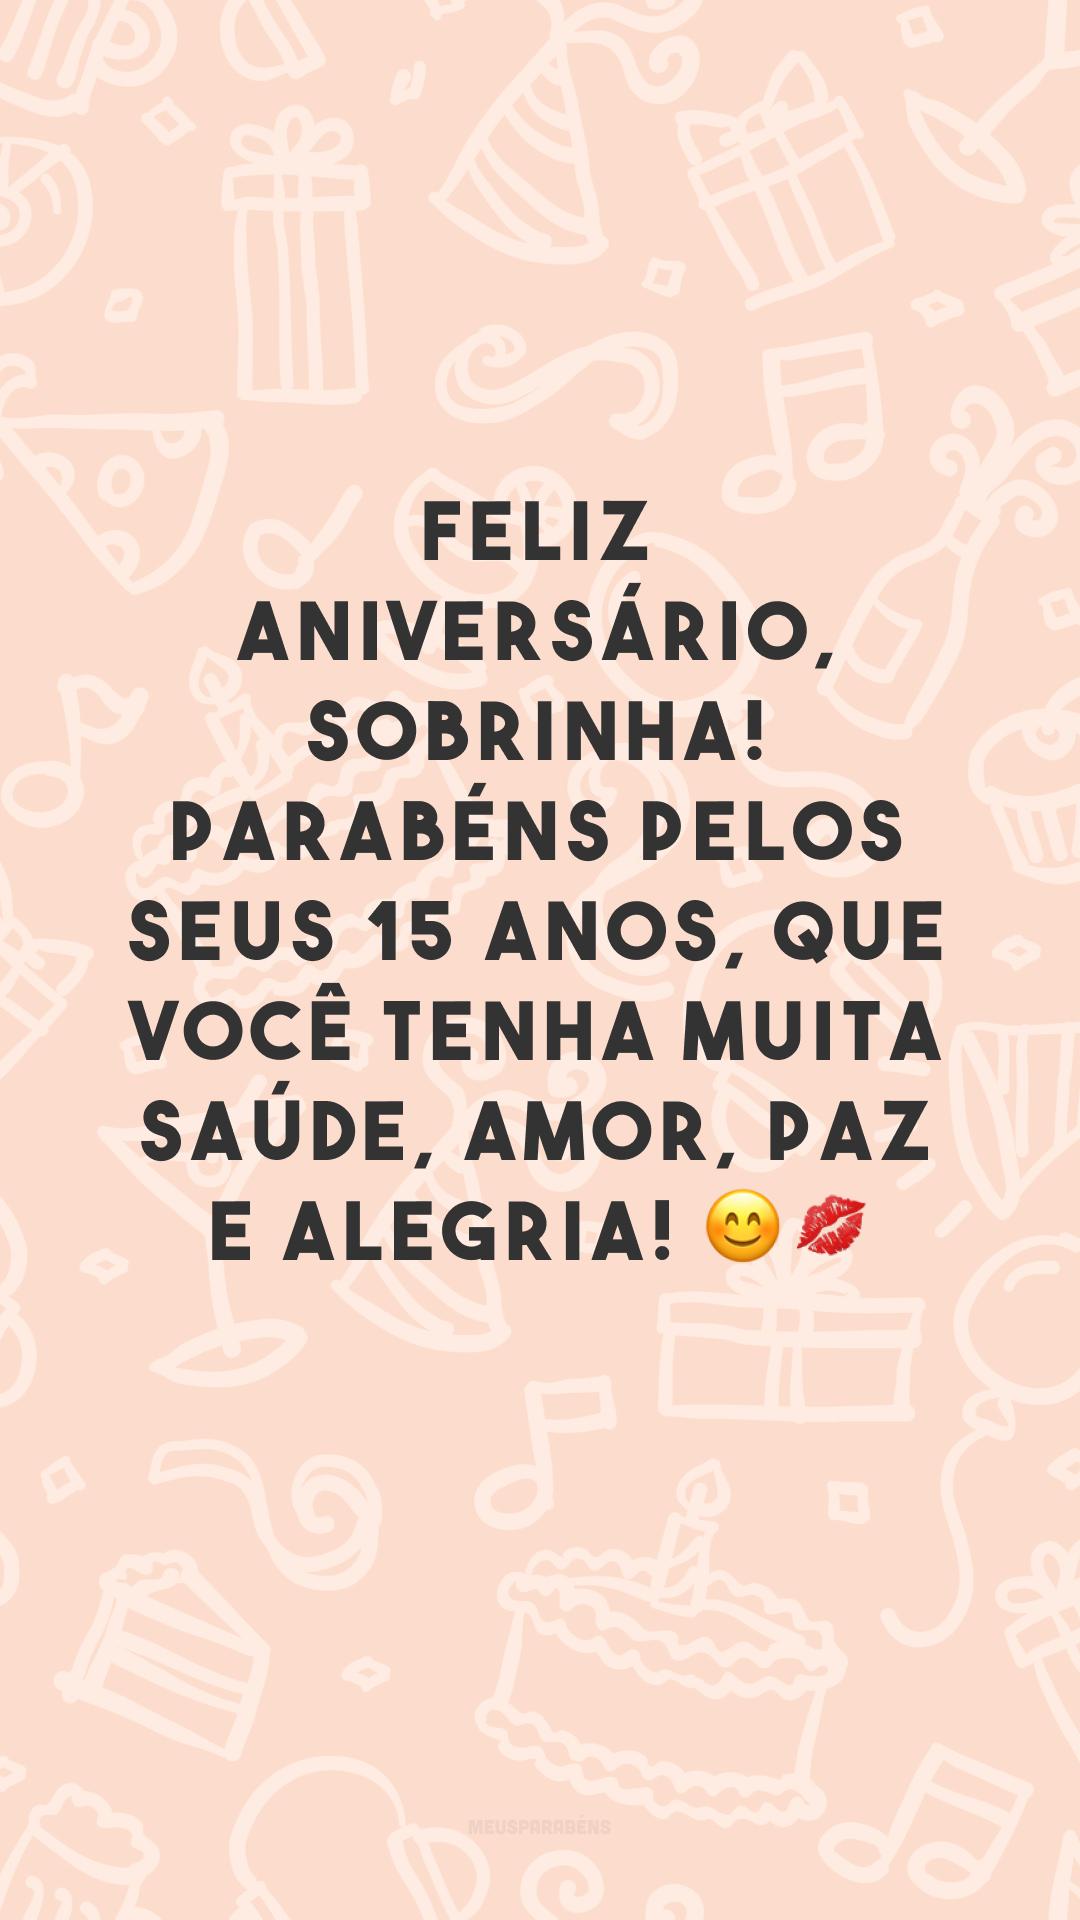 Feliz aniversário, sobrinha! Parabéns pelos seus 15 anos, que você tenha muita saúde, amor, paz e alegria! 😊💋